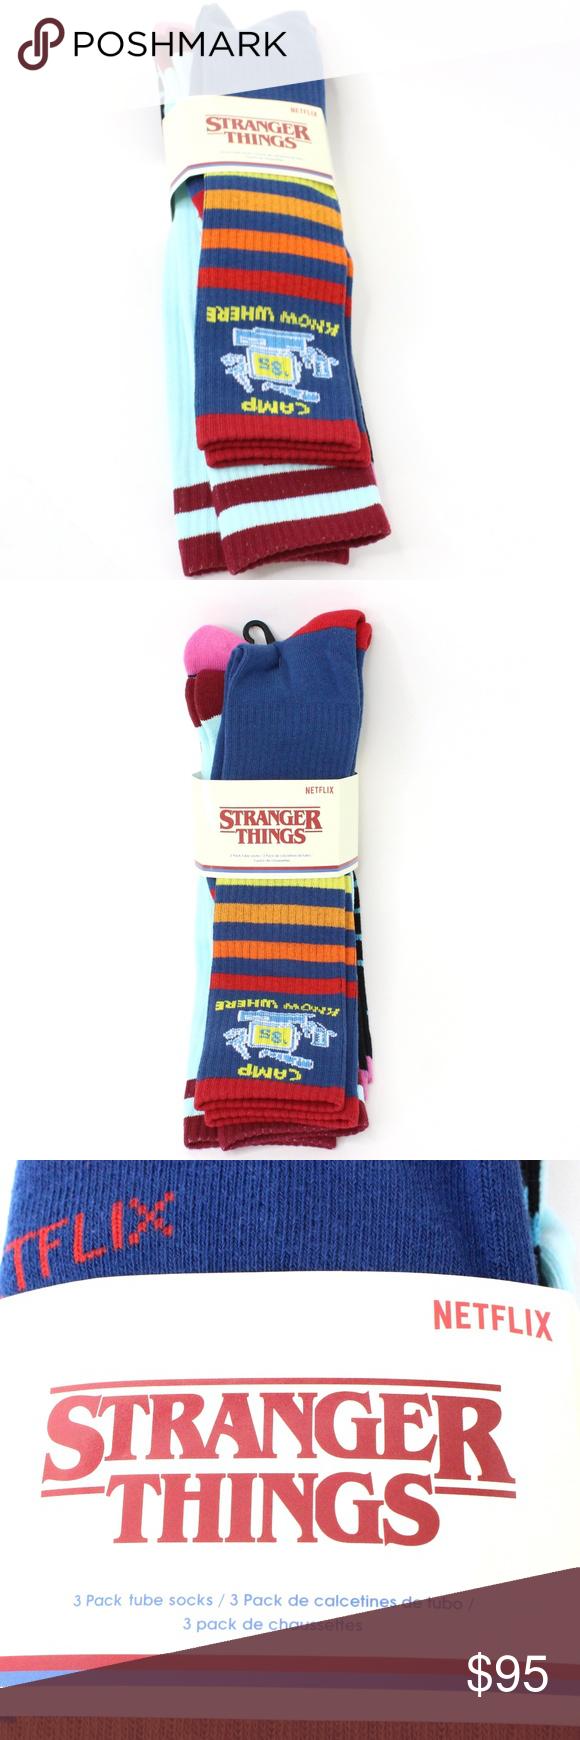 Stranger Things Netflix Tube Socks Funko Unisex Tube Socks Striped Tube Socks Clothes Design